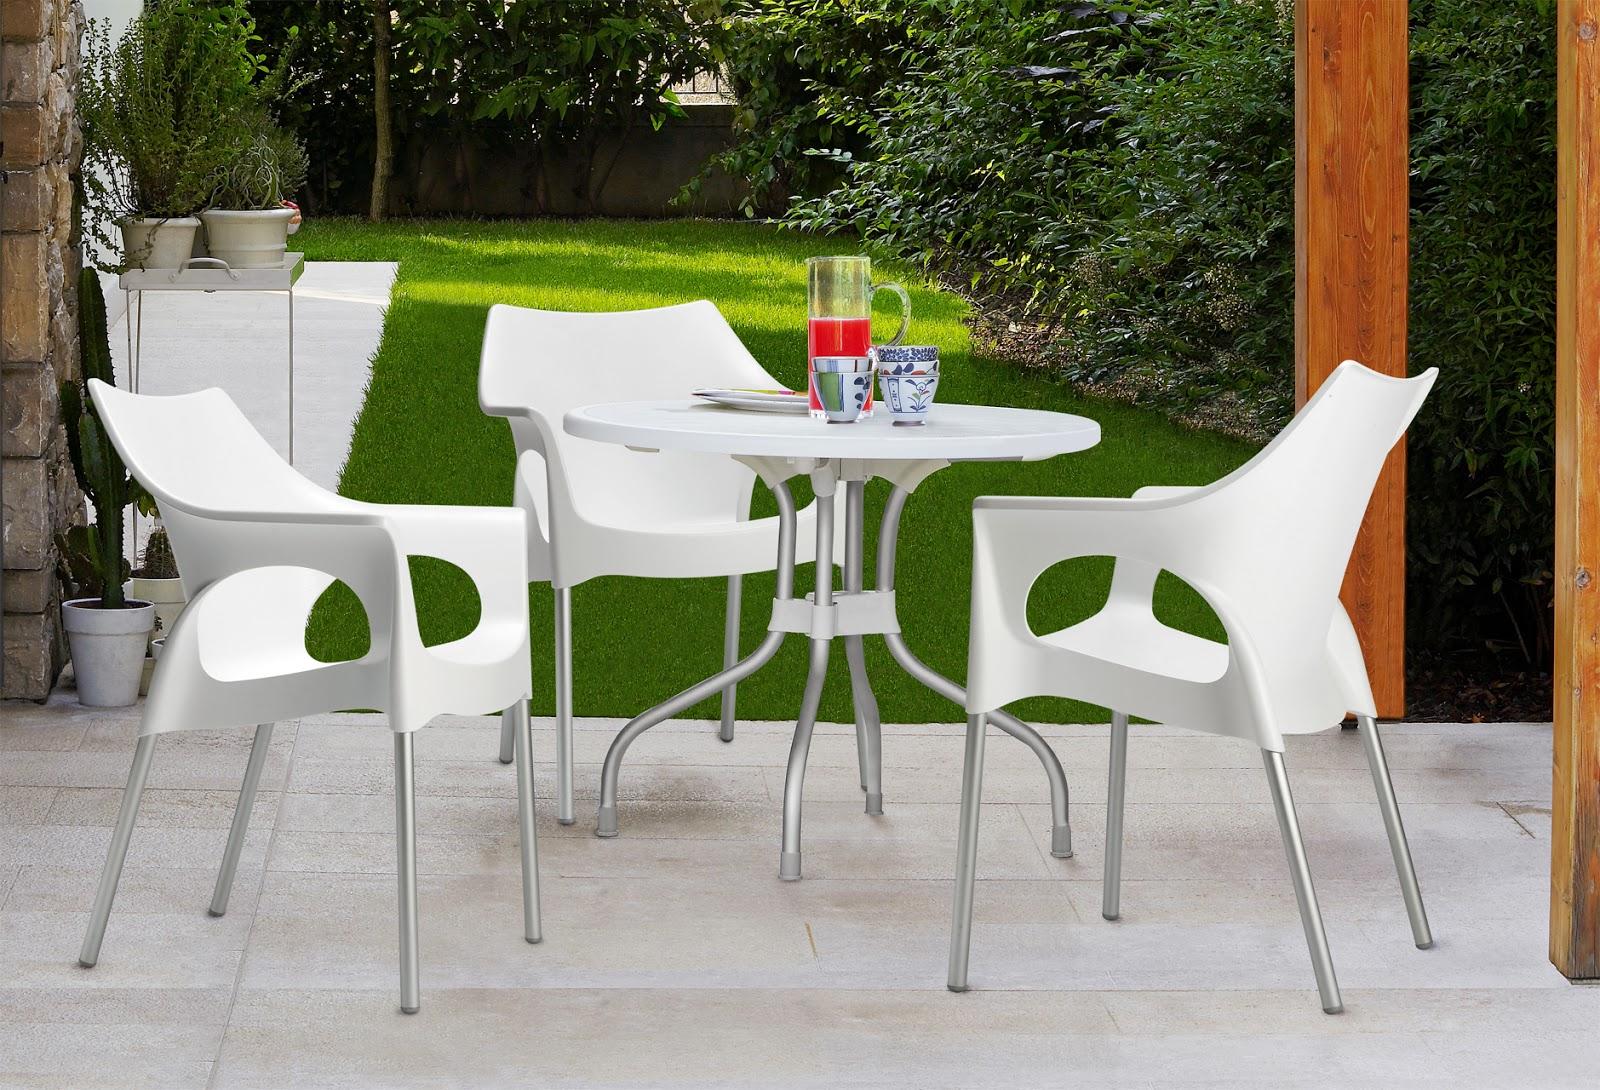 Muebles De Jardin De Plastico Dise Os Arquitect Nicos Mimasku Com # Muebles Tejidos De Plastico